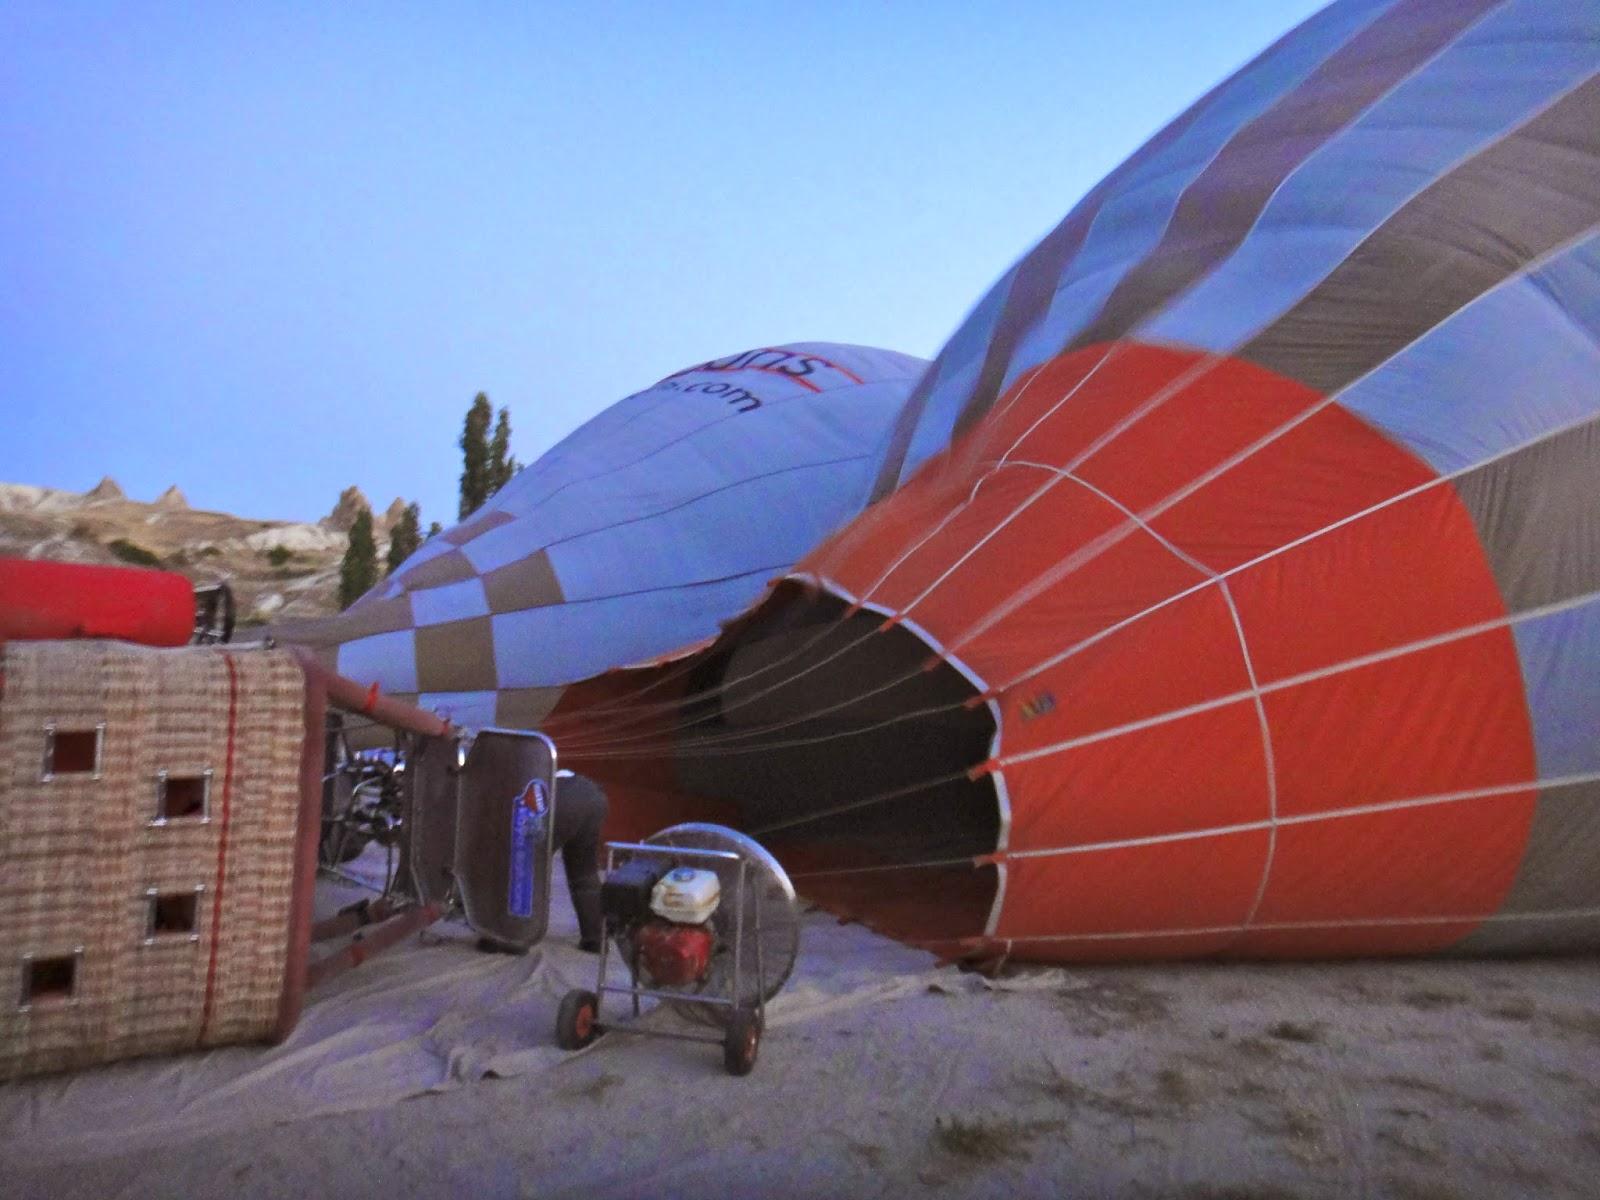 Preparation for hot air balloon trip at Cappadocia Turkey